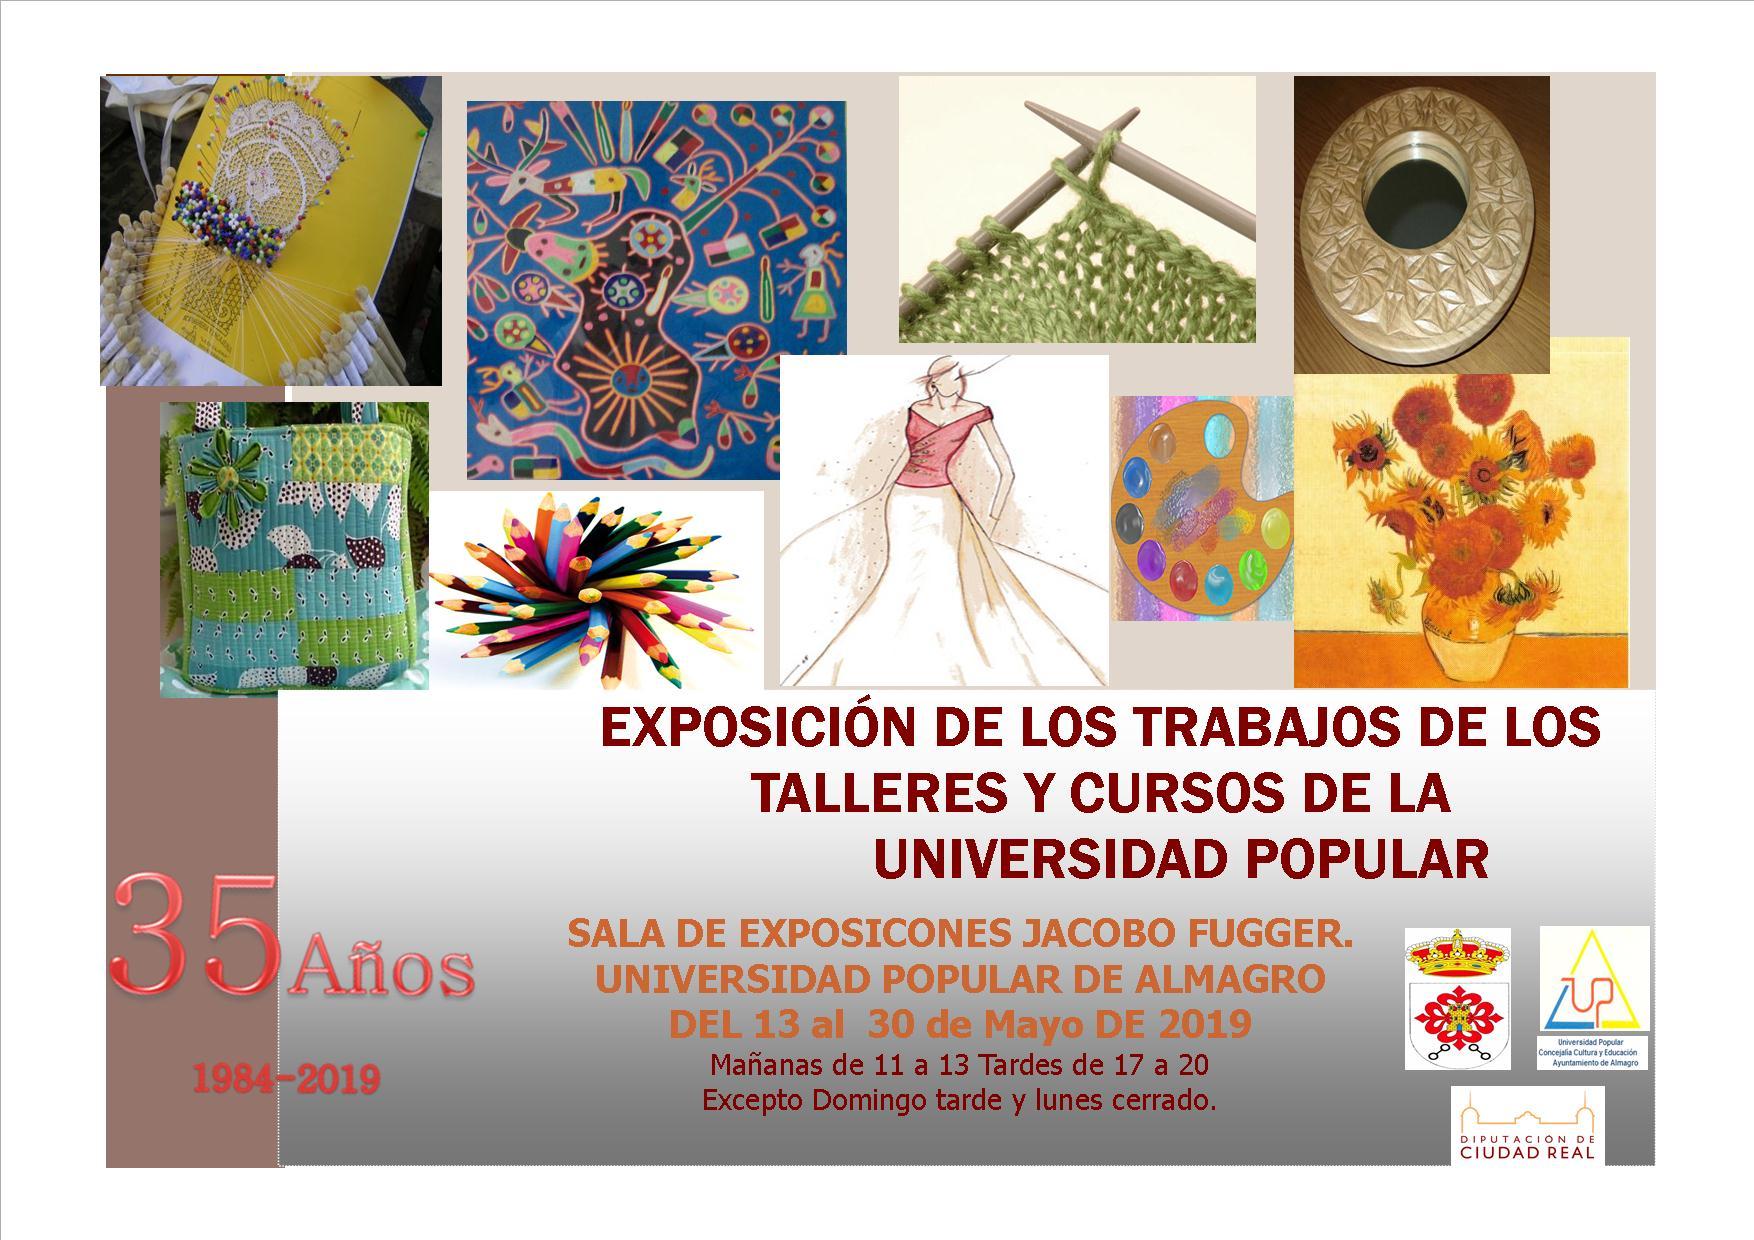 Exposición de los trabajos de los talleres y cursos de la UP